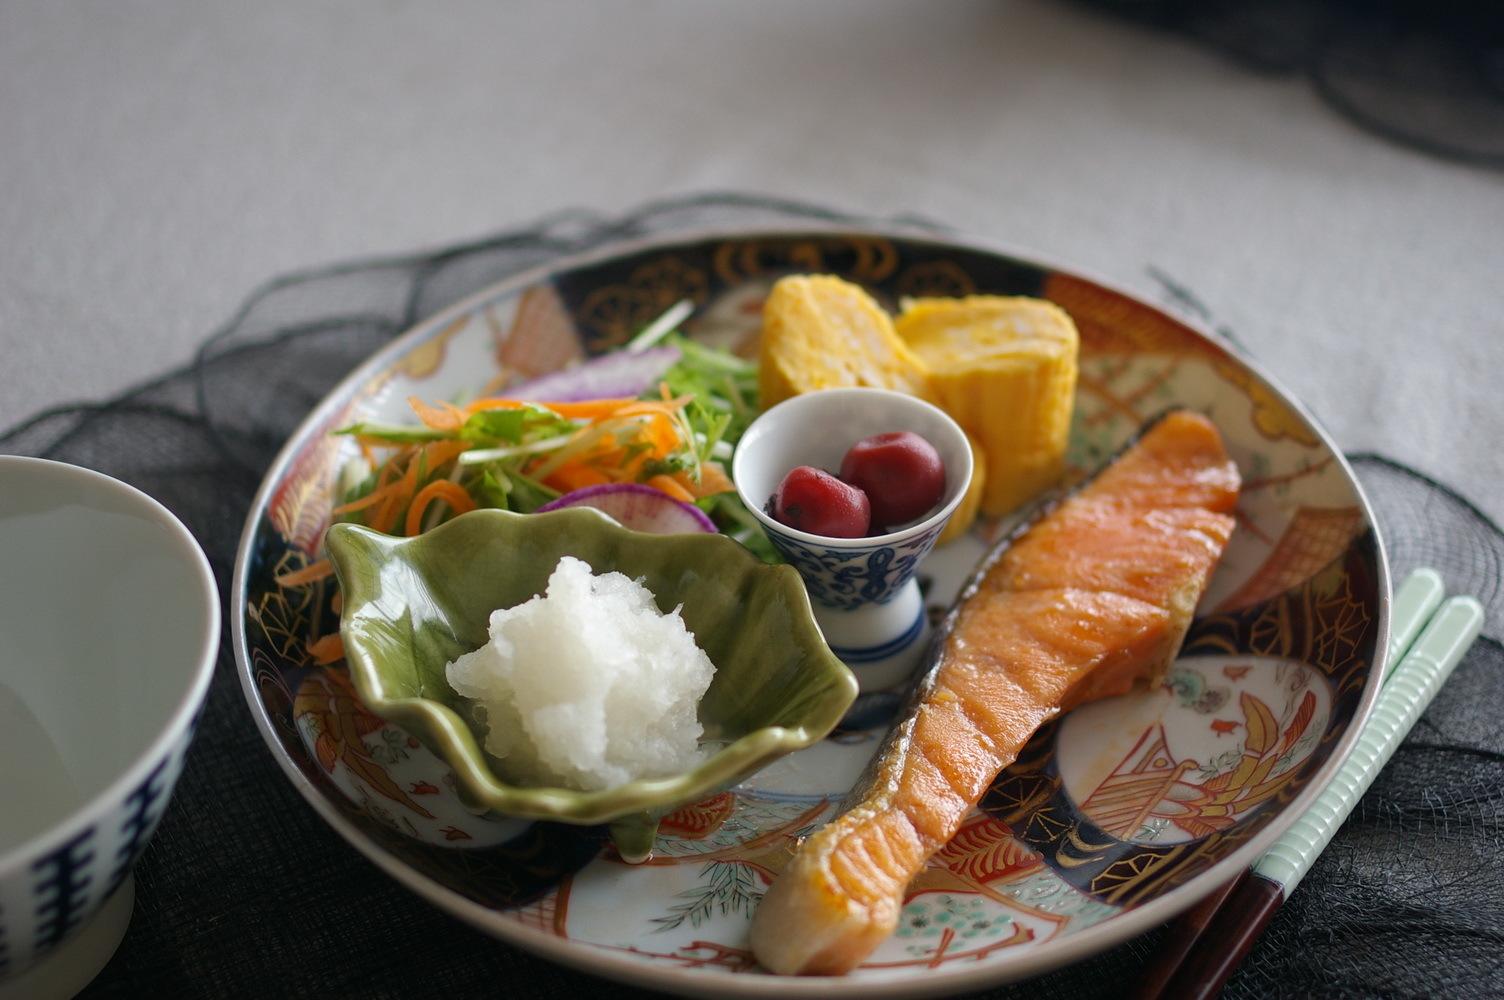 朝食のような塩鮭ランチ_d0327373_11270460.jpg